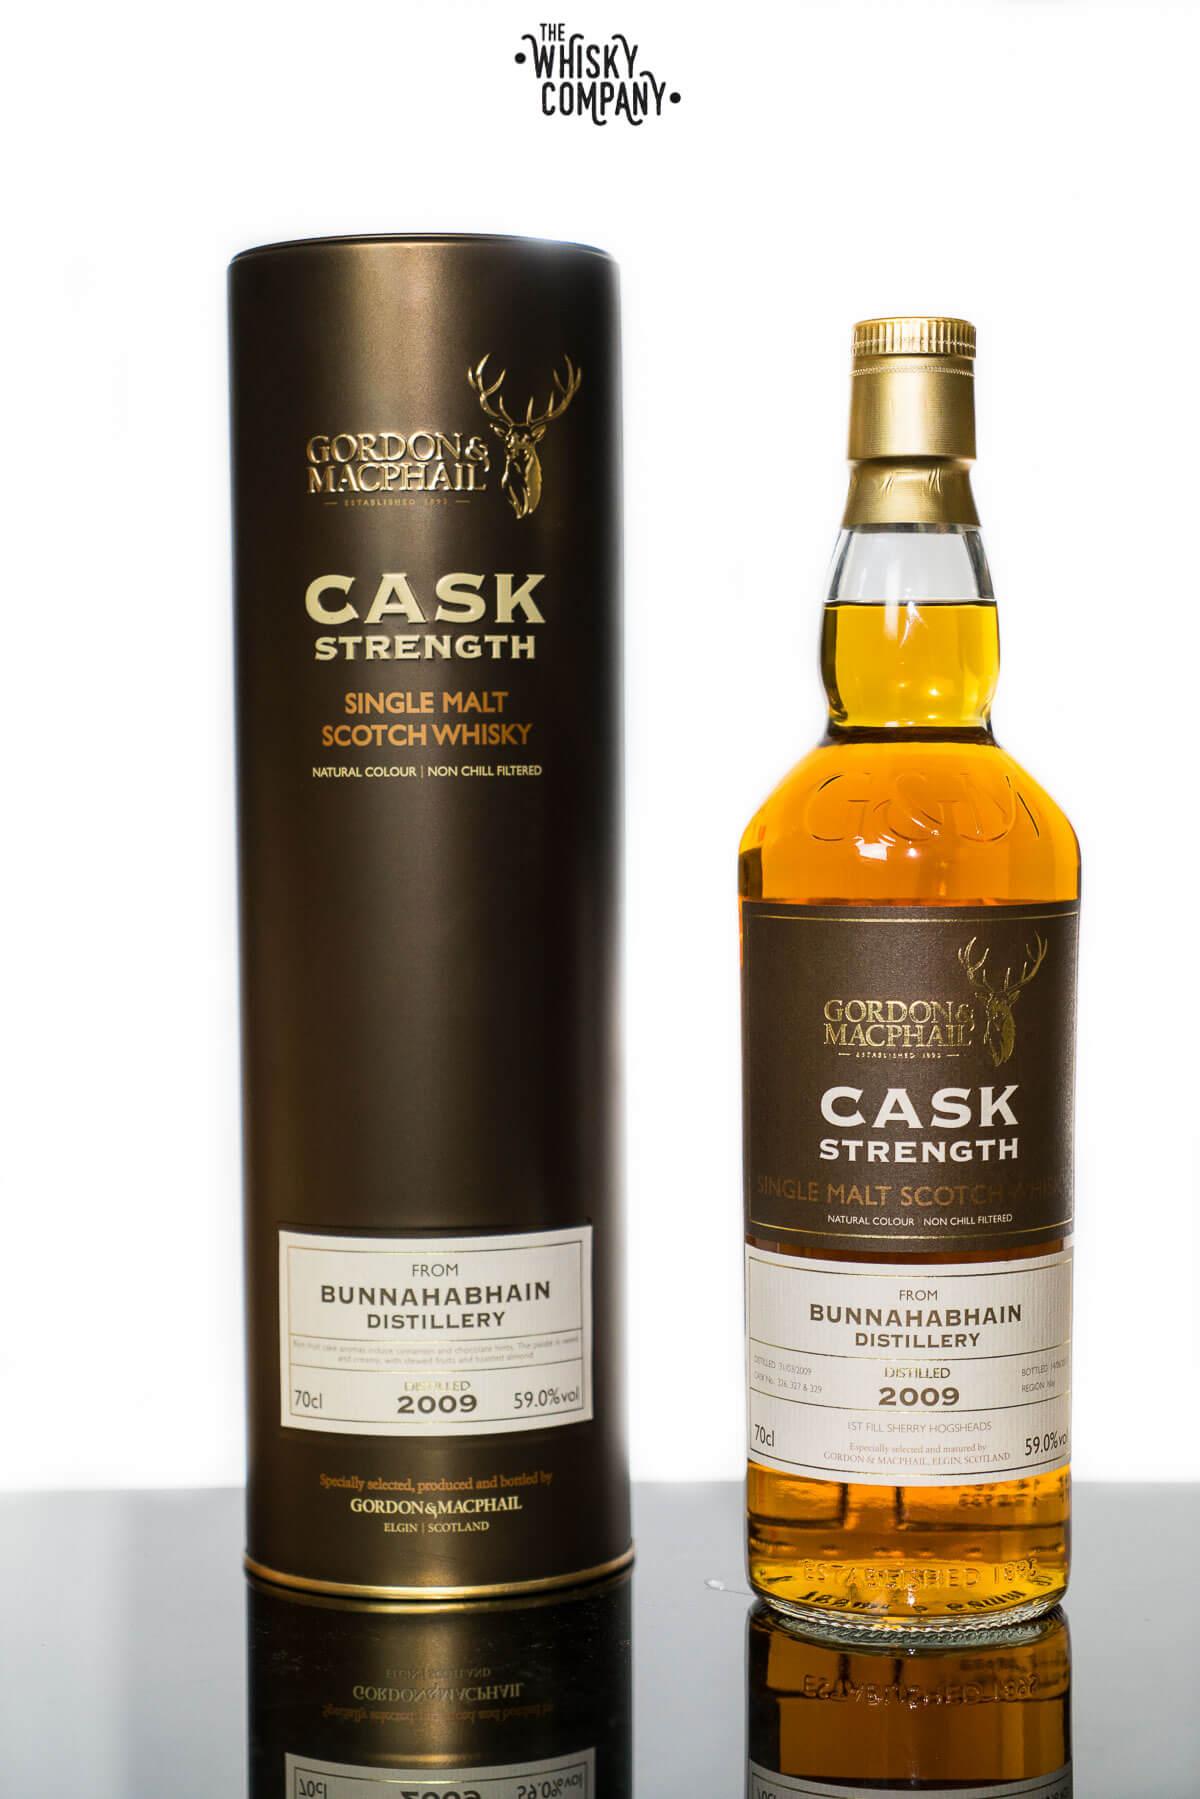 Bunnahabhain 8 Years Old 2009 Cask Strength Islay Single Malt Scotch Whisky Gordon & MacPhail (700ml)